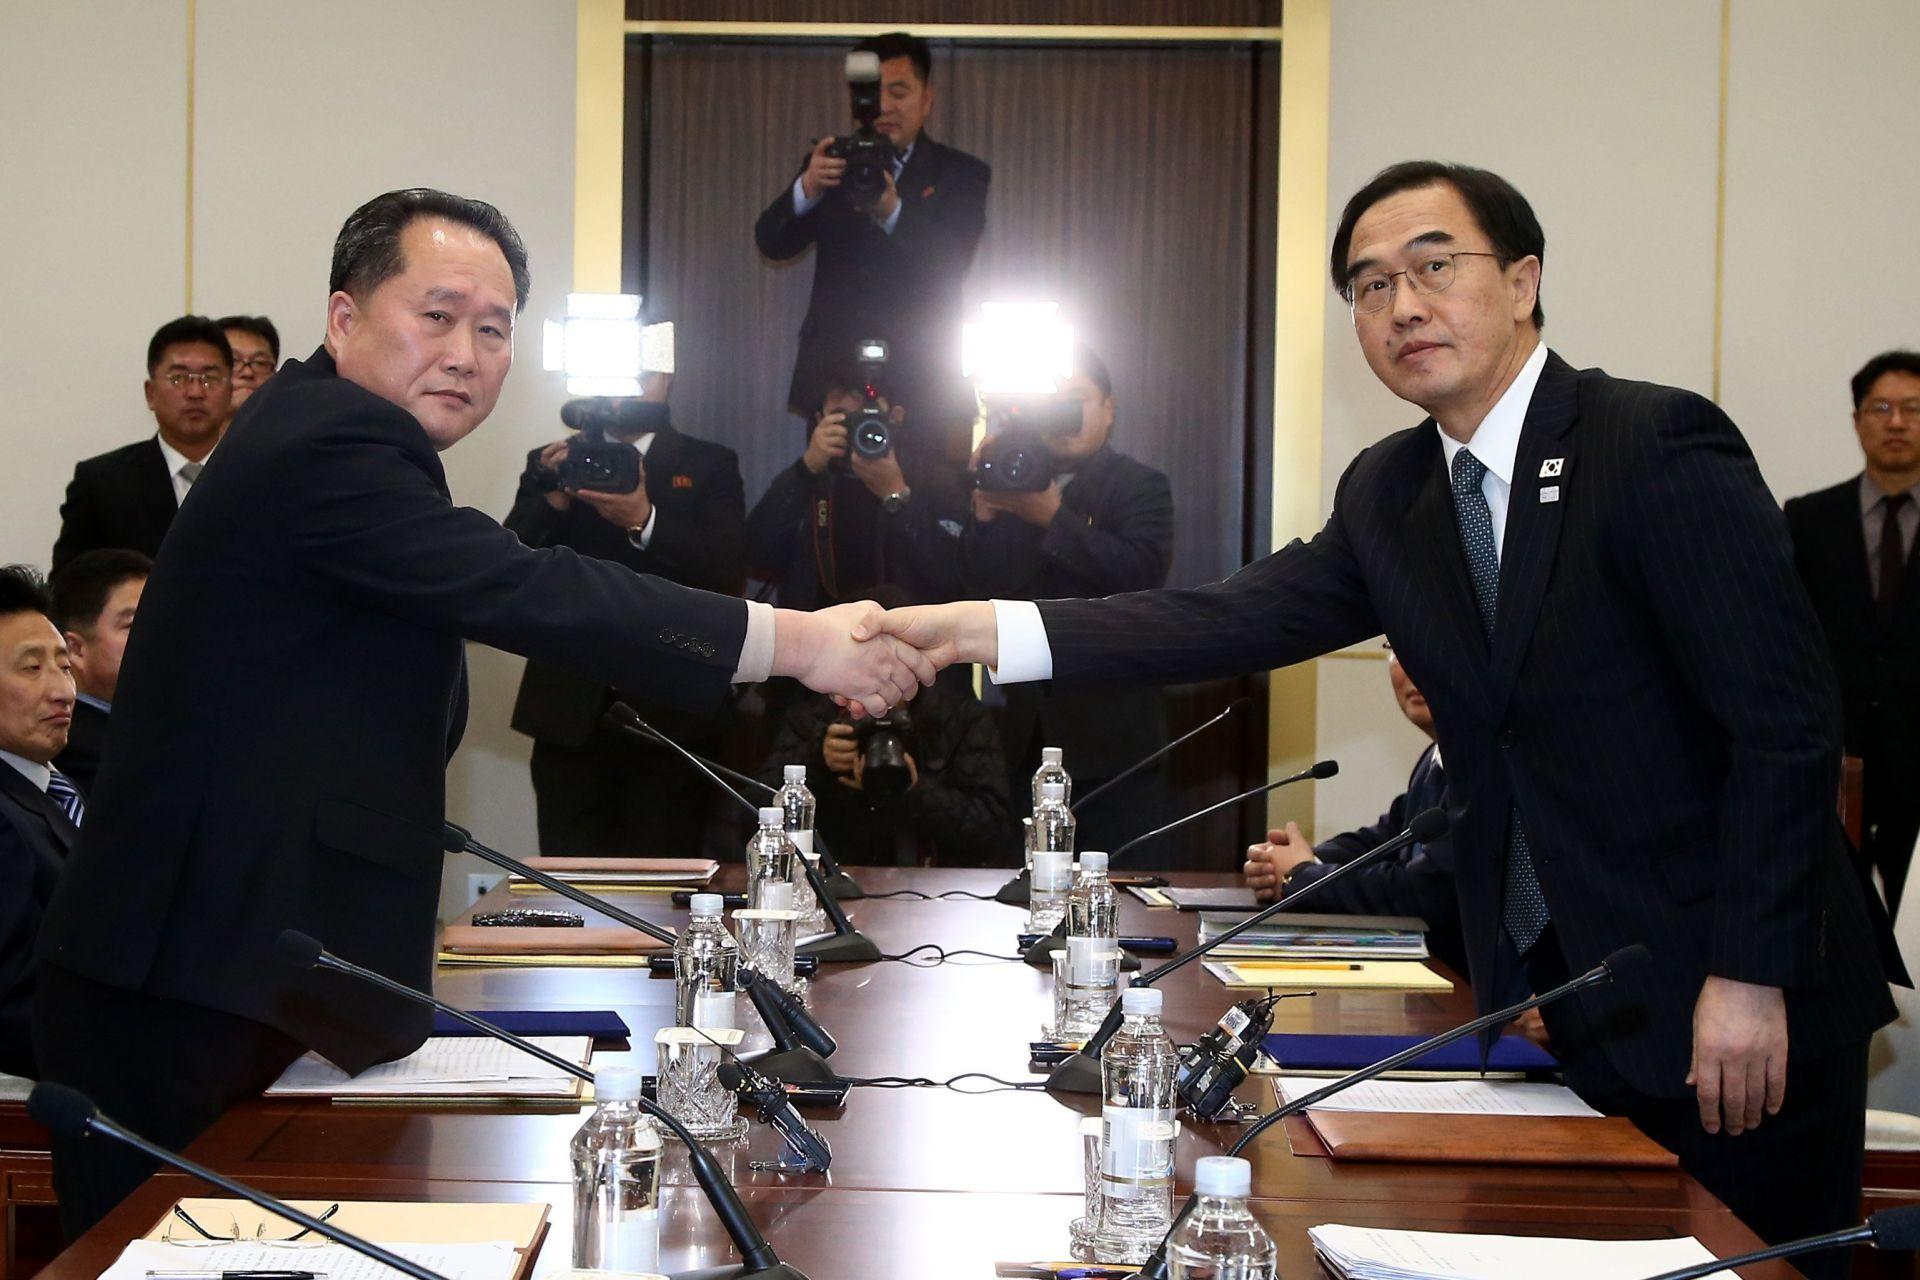 Corea del Norte y Corea del Sur celebran una reunión histórica